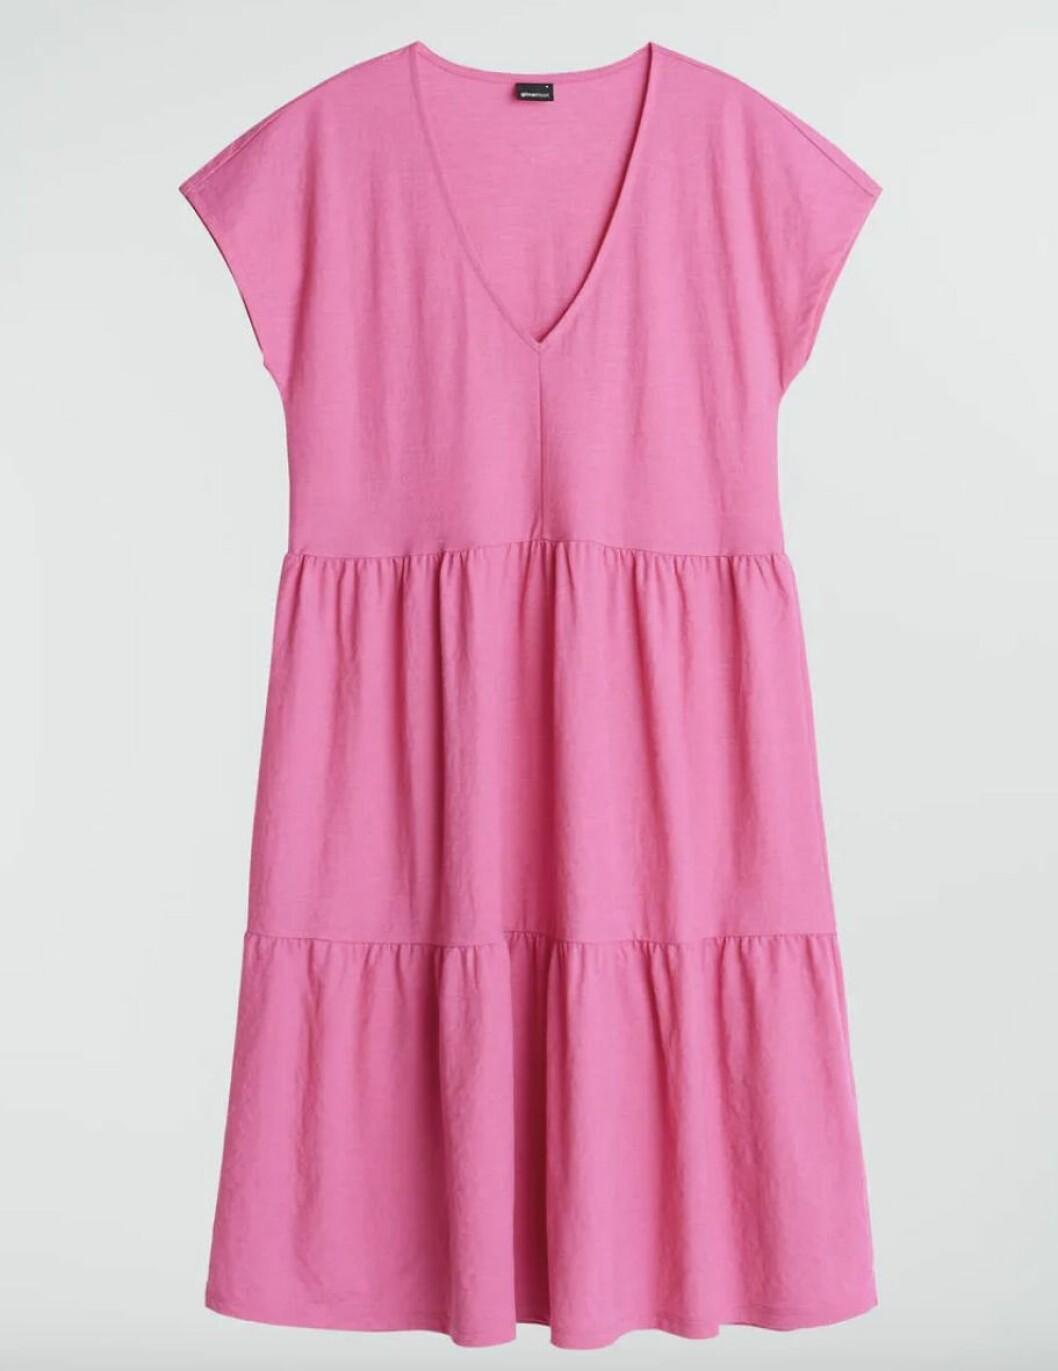 Rosa klänning med volanger från Gina tricot